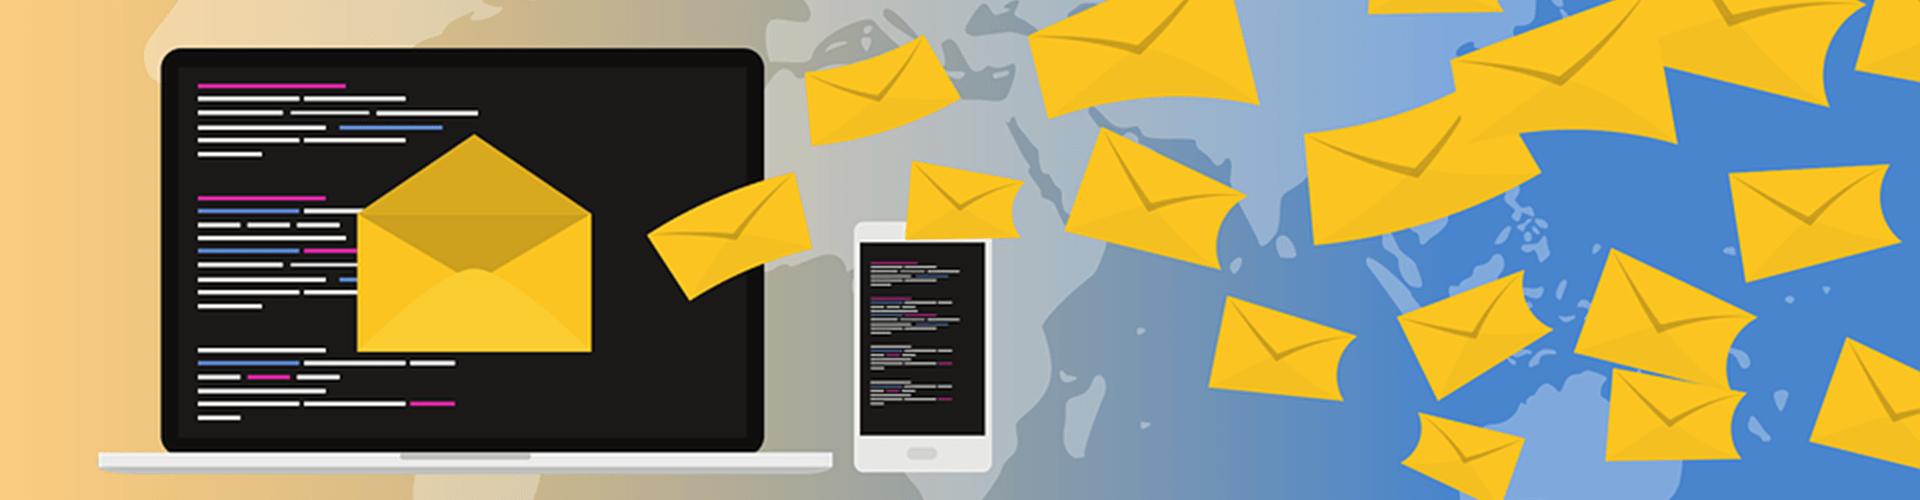 Rédiger un courriel professionnel